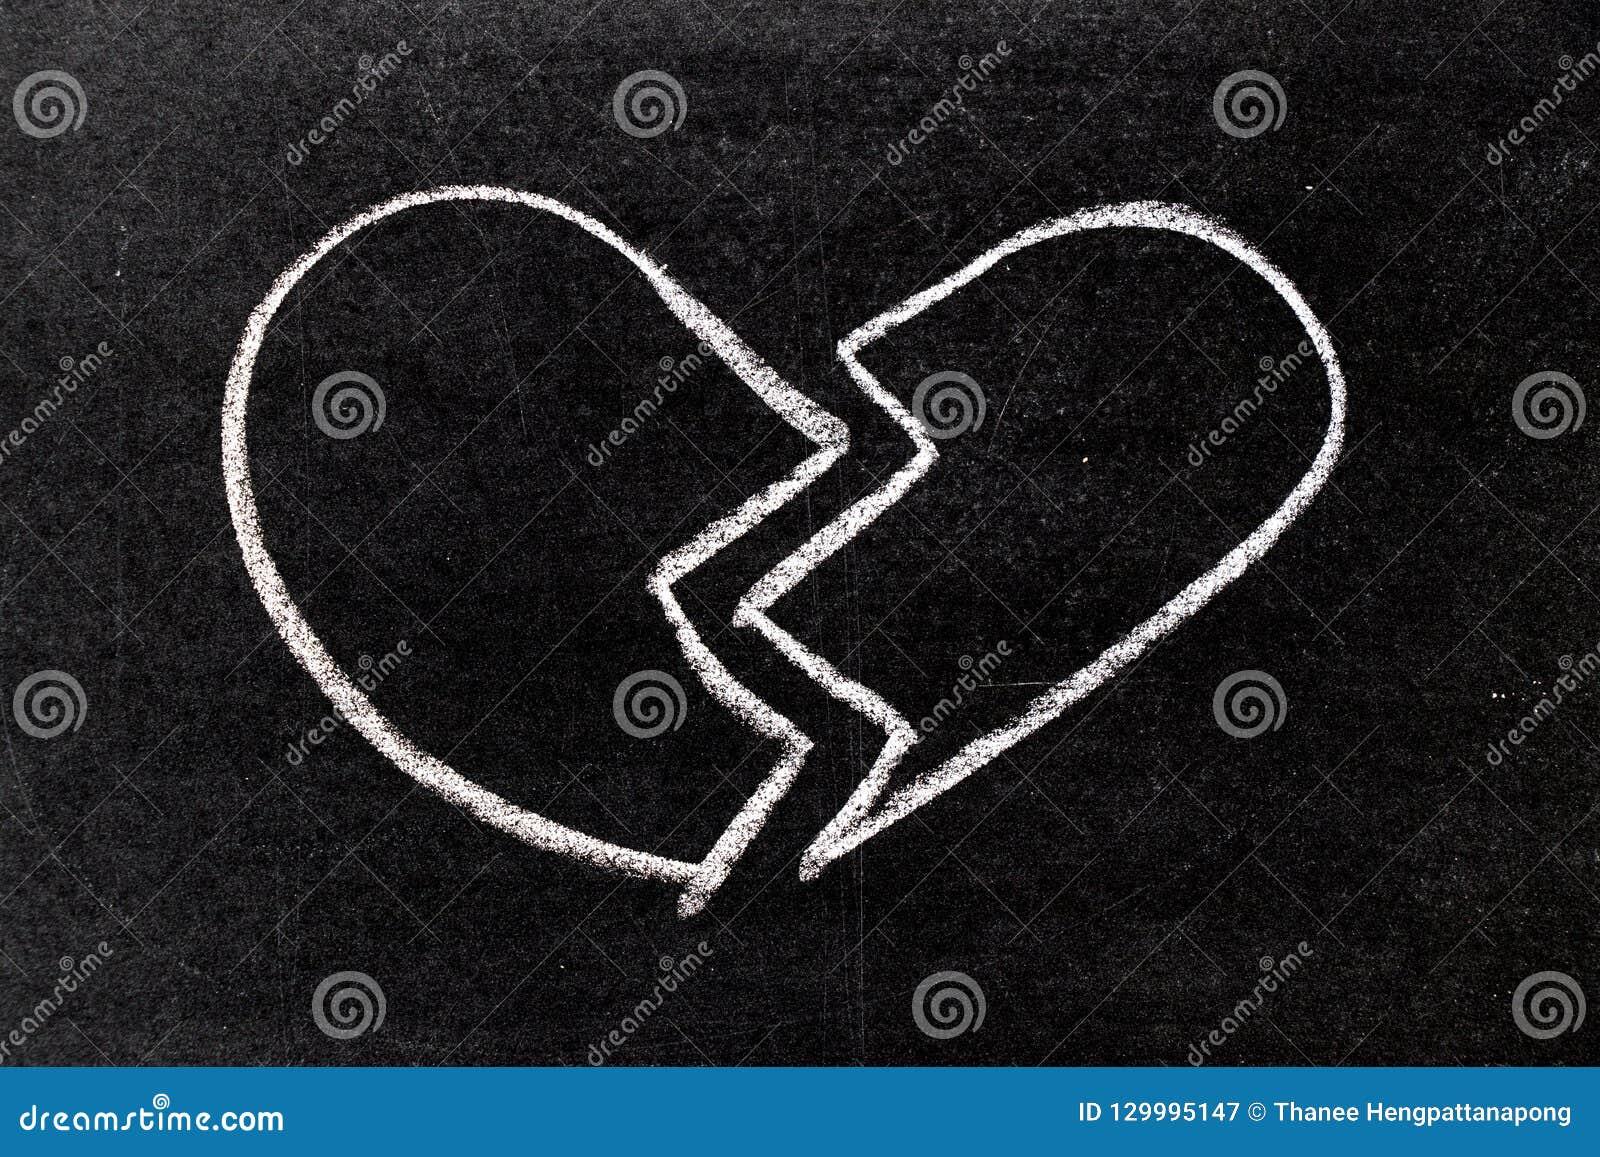 Biel kredy ręki rysunek w złamane serce kształcie na blackboard